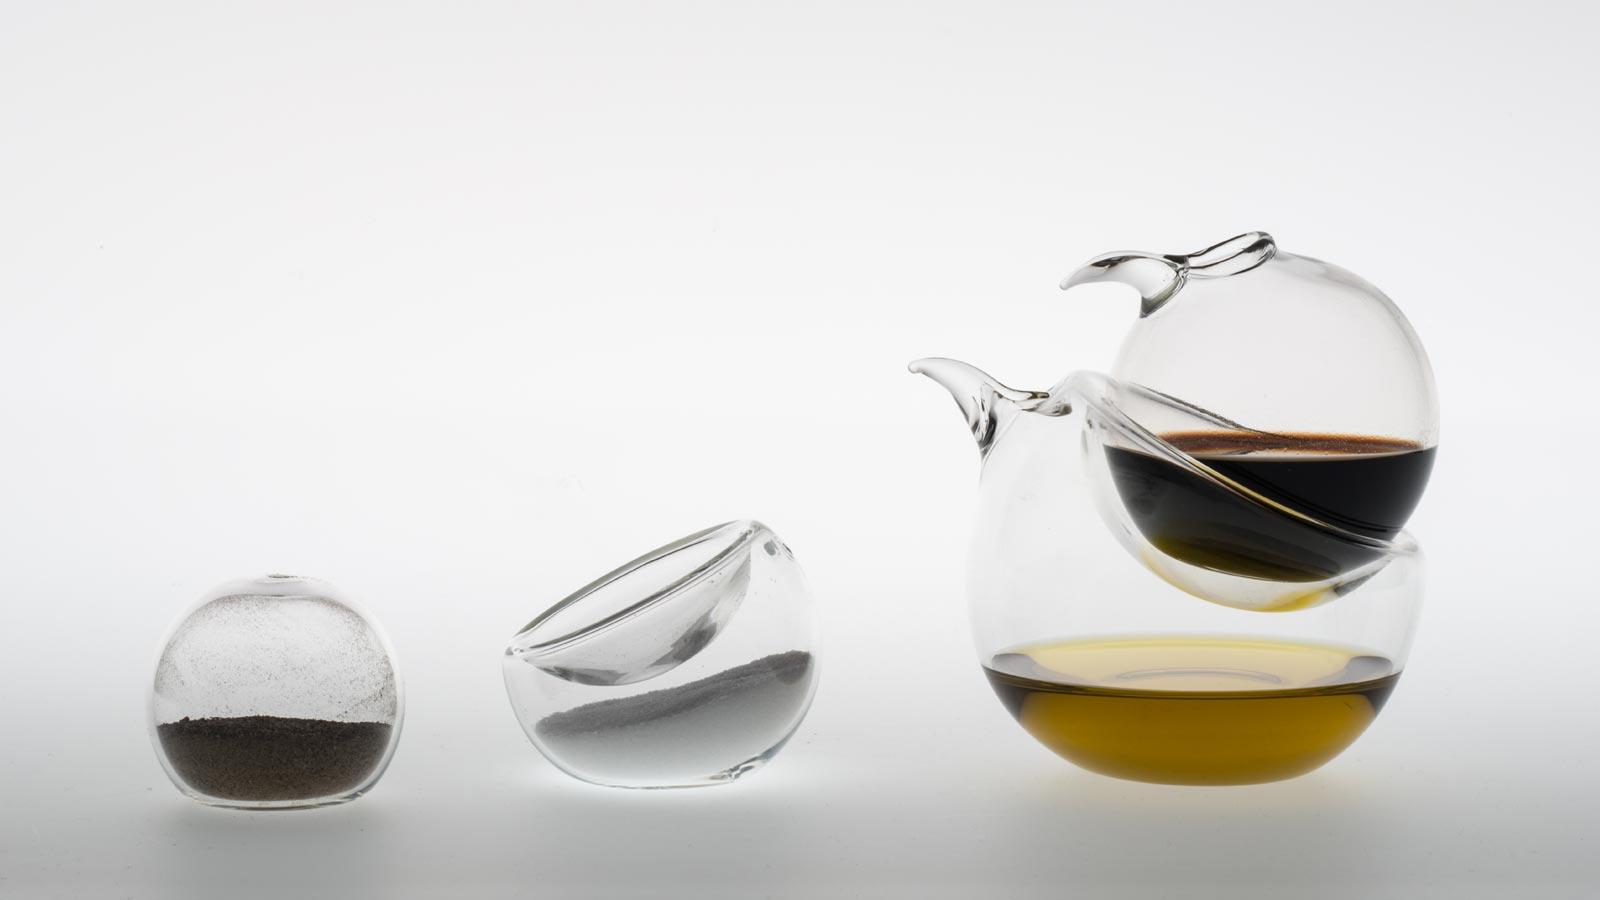 ins parables sets pour le sel et le poivre l 39 huile et le vinaigre bouchons en li ge pour. Black Bedroom Furniture Sets. Home Design Ideas